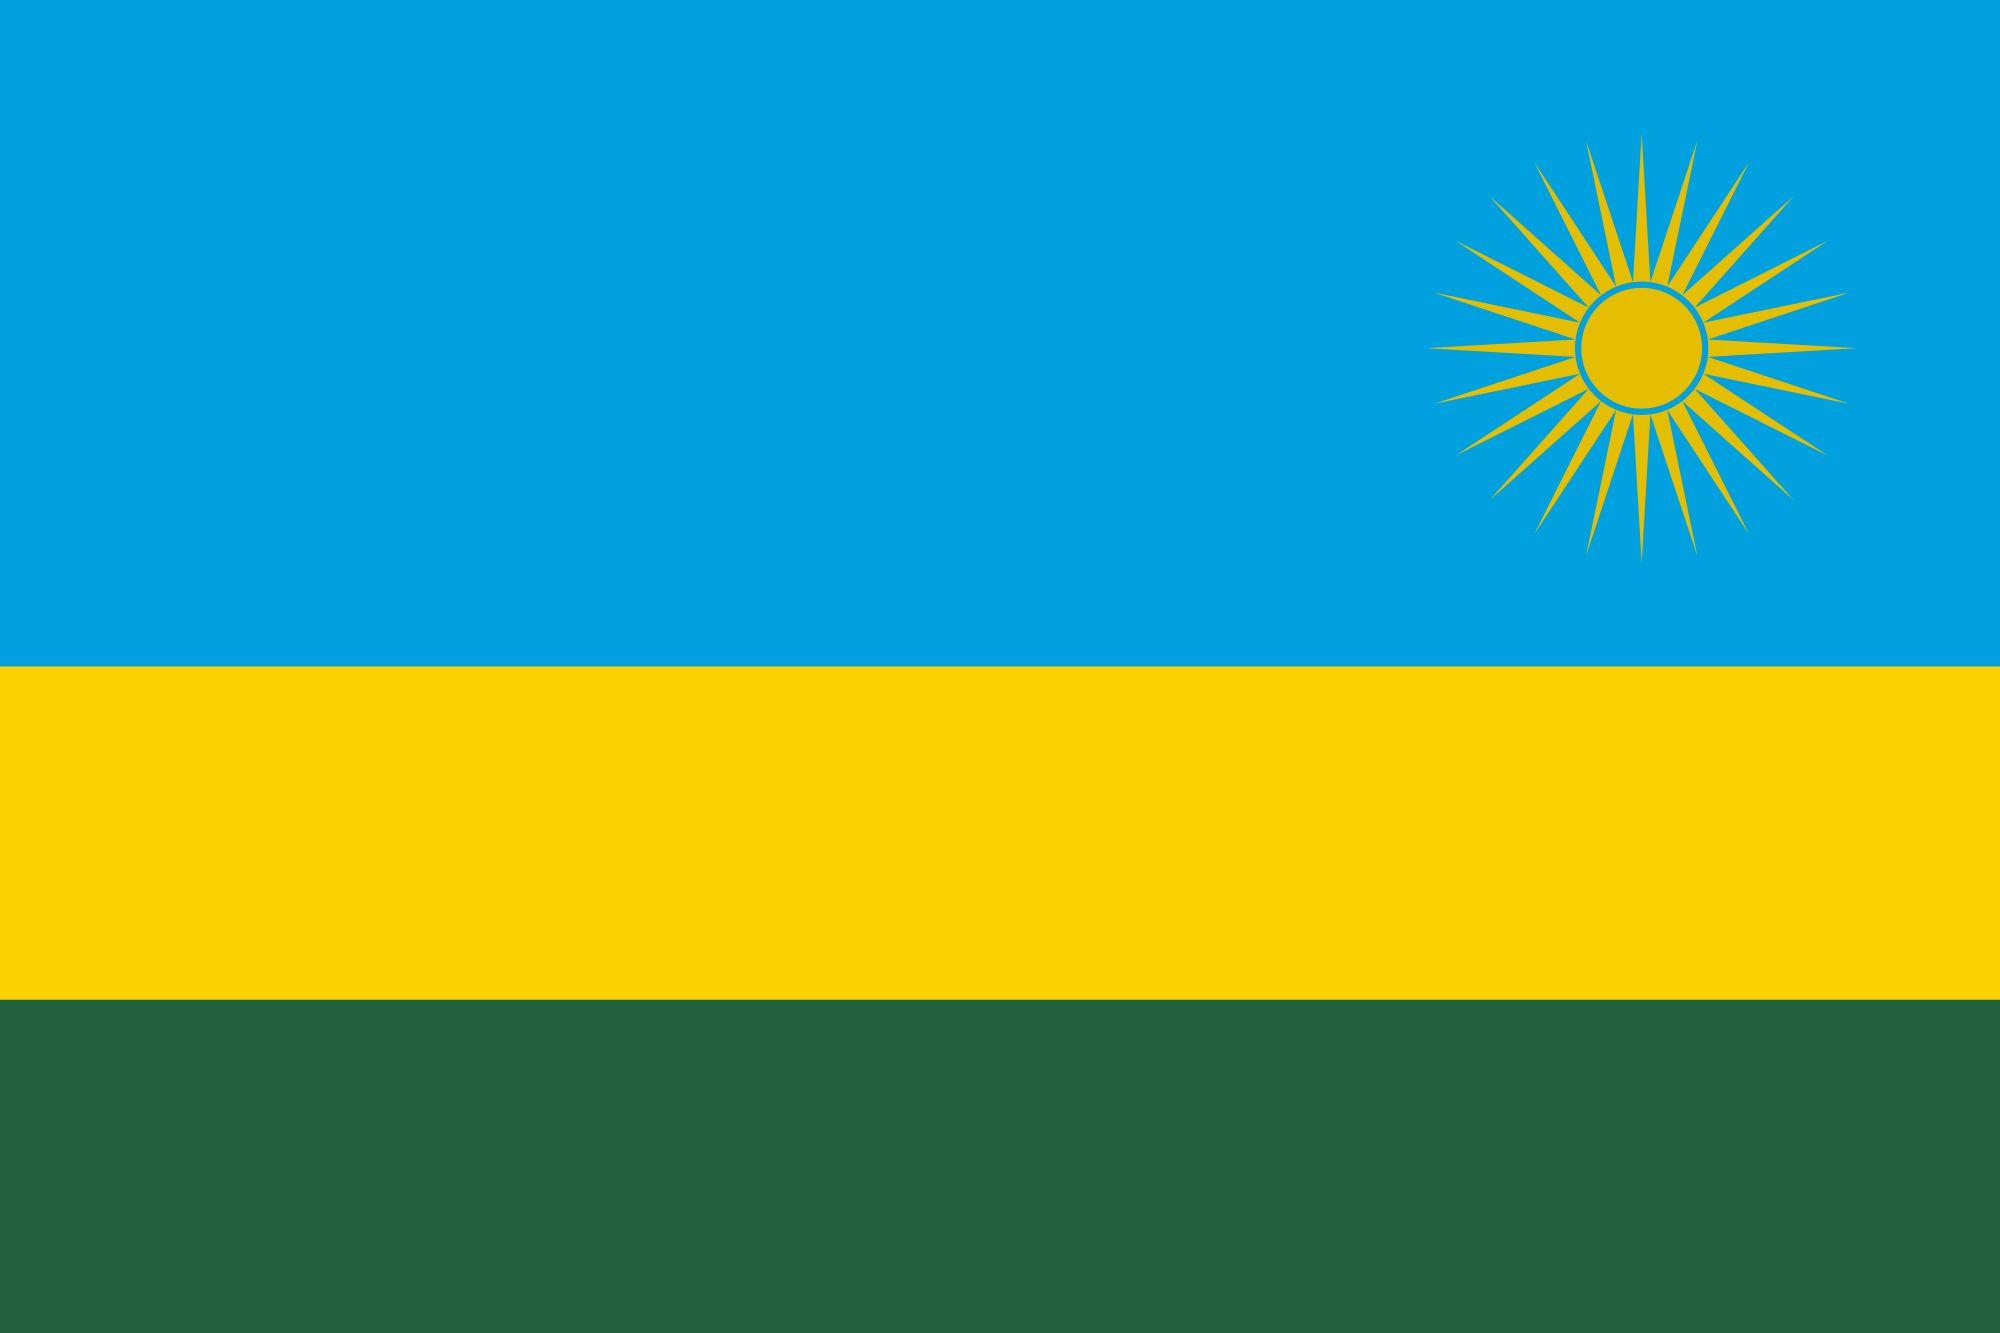 Drapeau Rwanda - Le drapeau rwandais